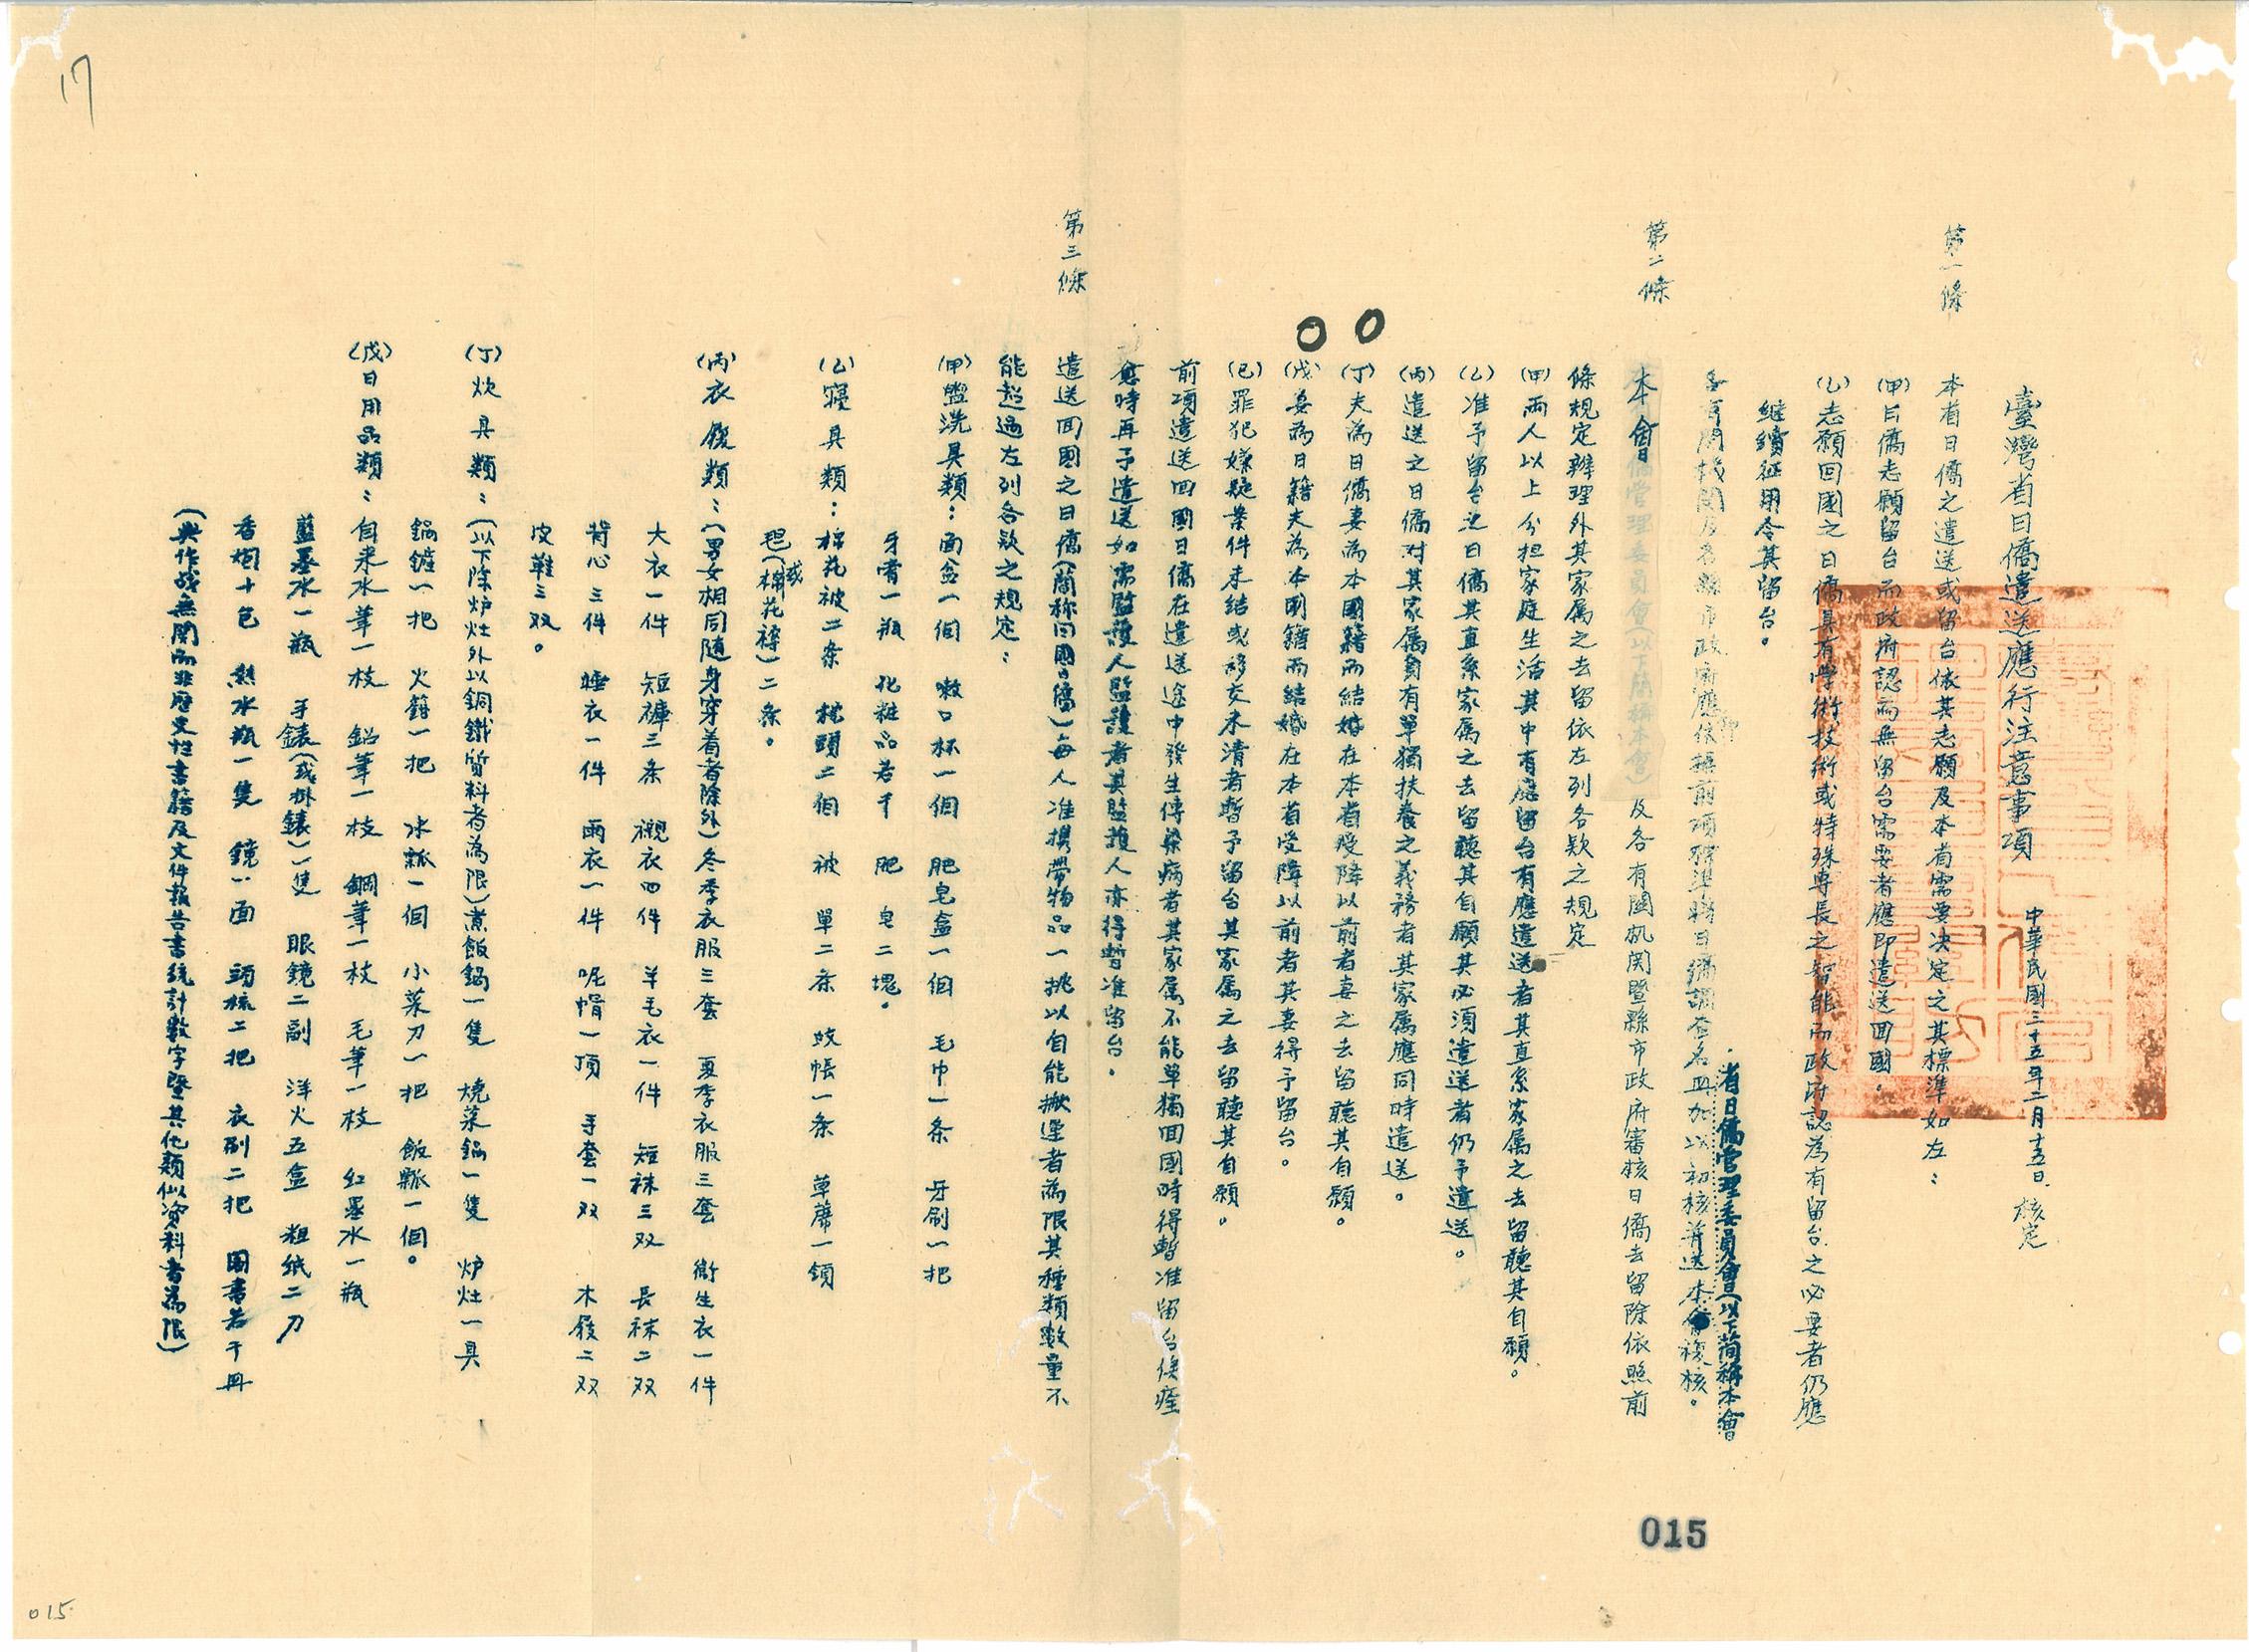 圖2:臺灣省日僑遣送應行注意事項(臺灣省行政長官公署檔案00306510008007)